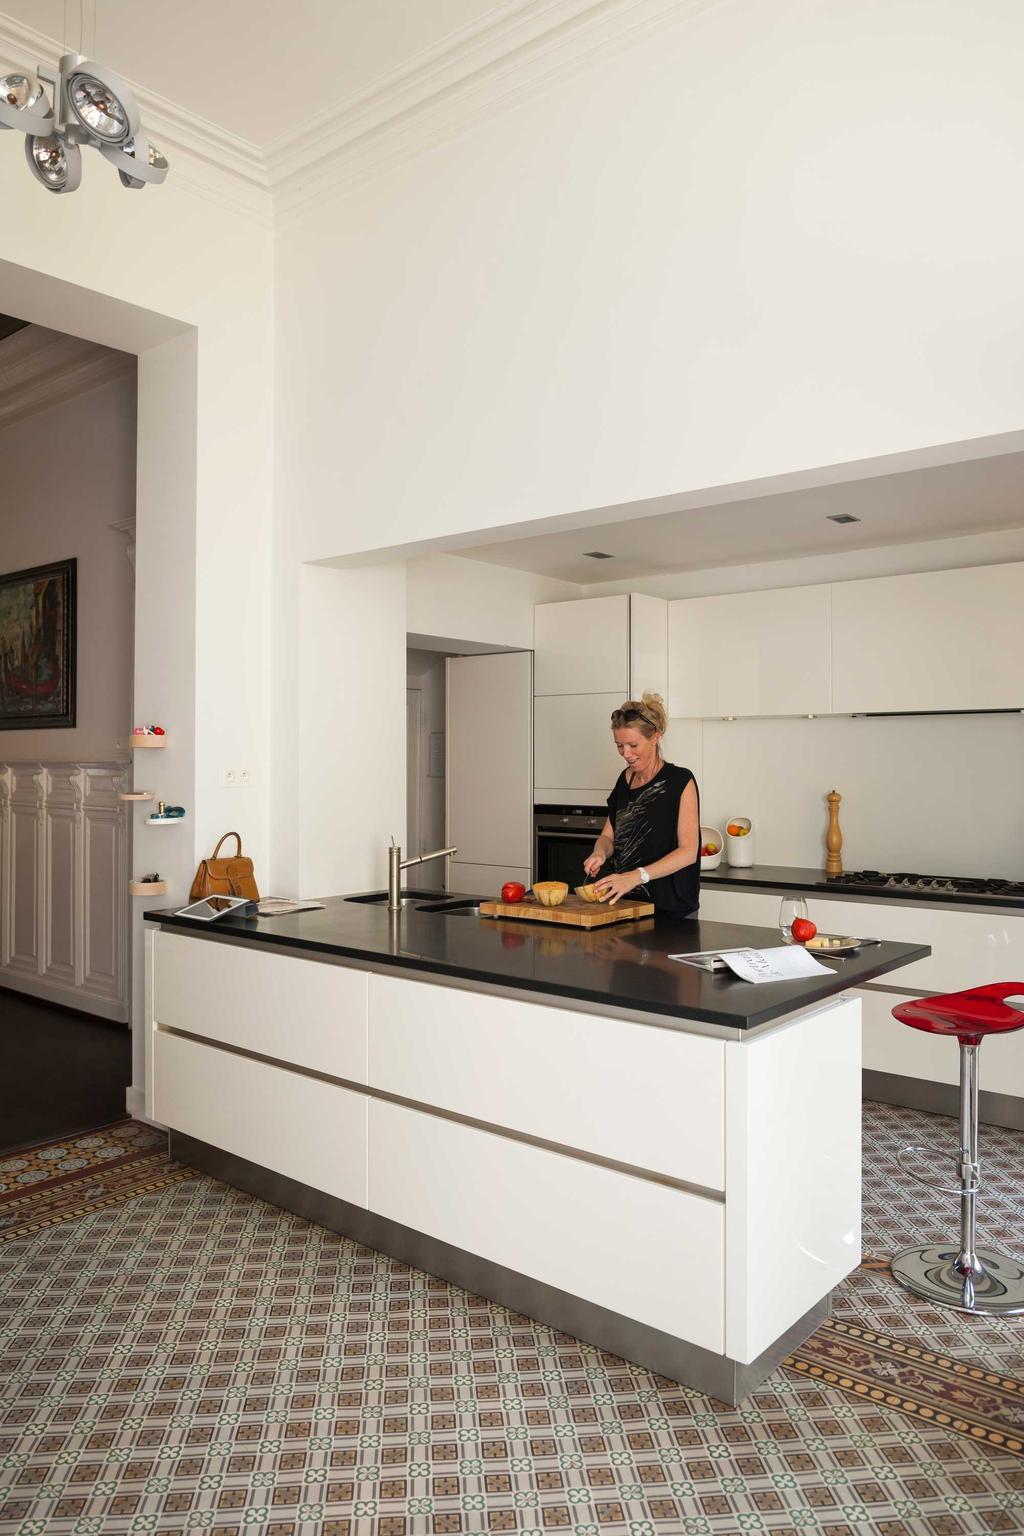 herenhuis keuken wit